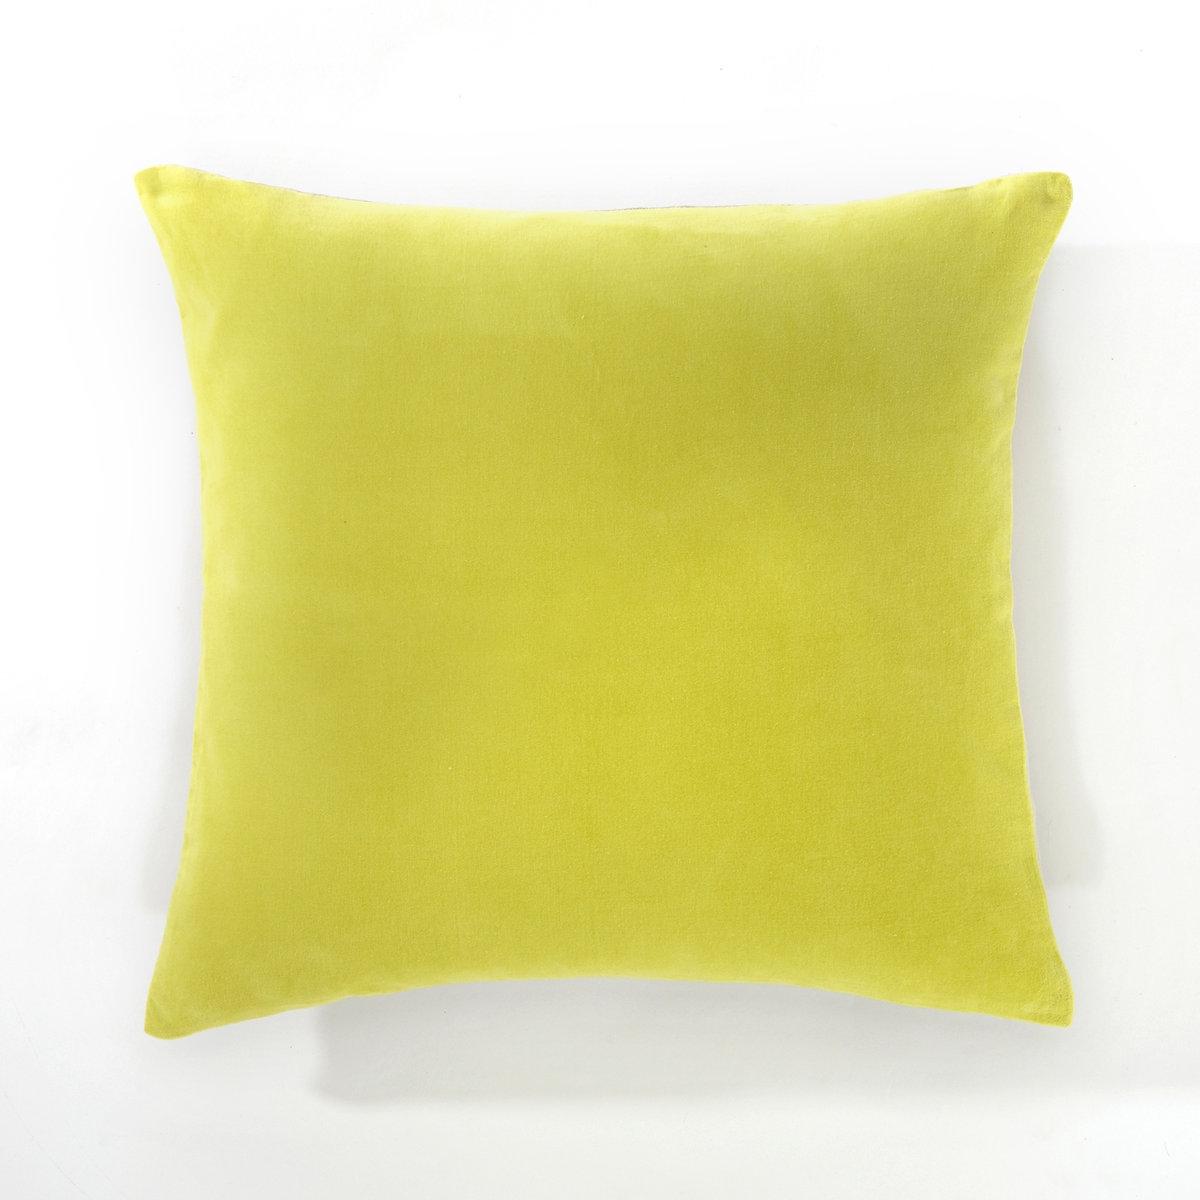 Чехол для подушки, плюш/лен,  KOSTIAКрасивое сочетание плюша и льна .Характеристики чехла для подушки : - 1 сторона из плюша 100% хлопка, 1 сторона из 100% льна.- Застёжка на молнию.- Стирка при 30°.<br><br>Цвет: зелено-желтый/бежевый,сине-зеленый/серо-бежевый<br>Размер: 40 x 40  см.40 x 40  см